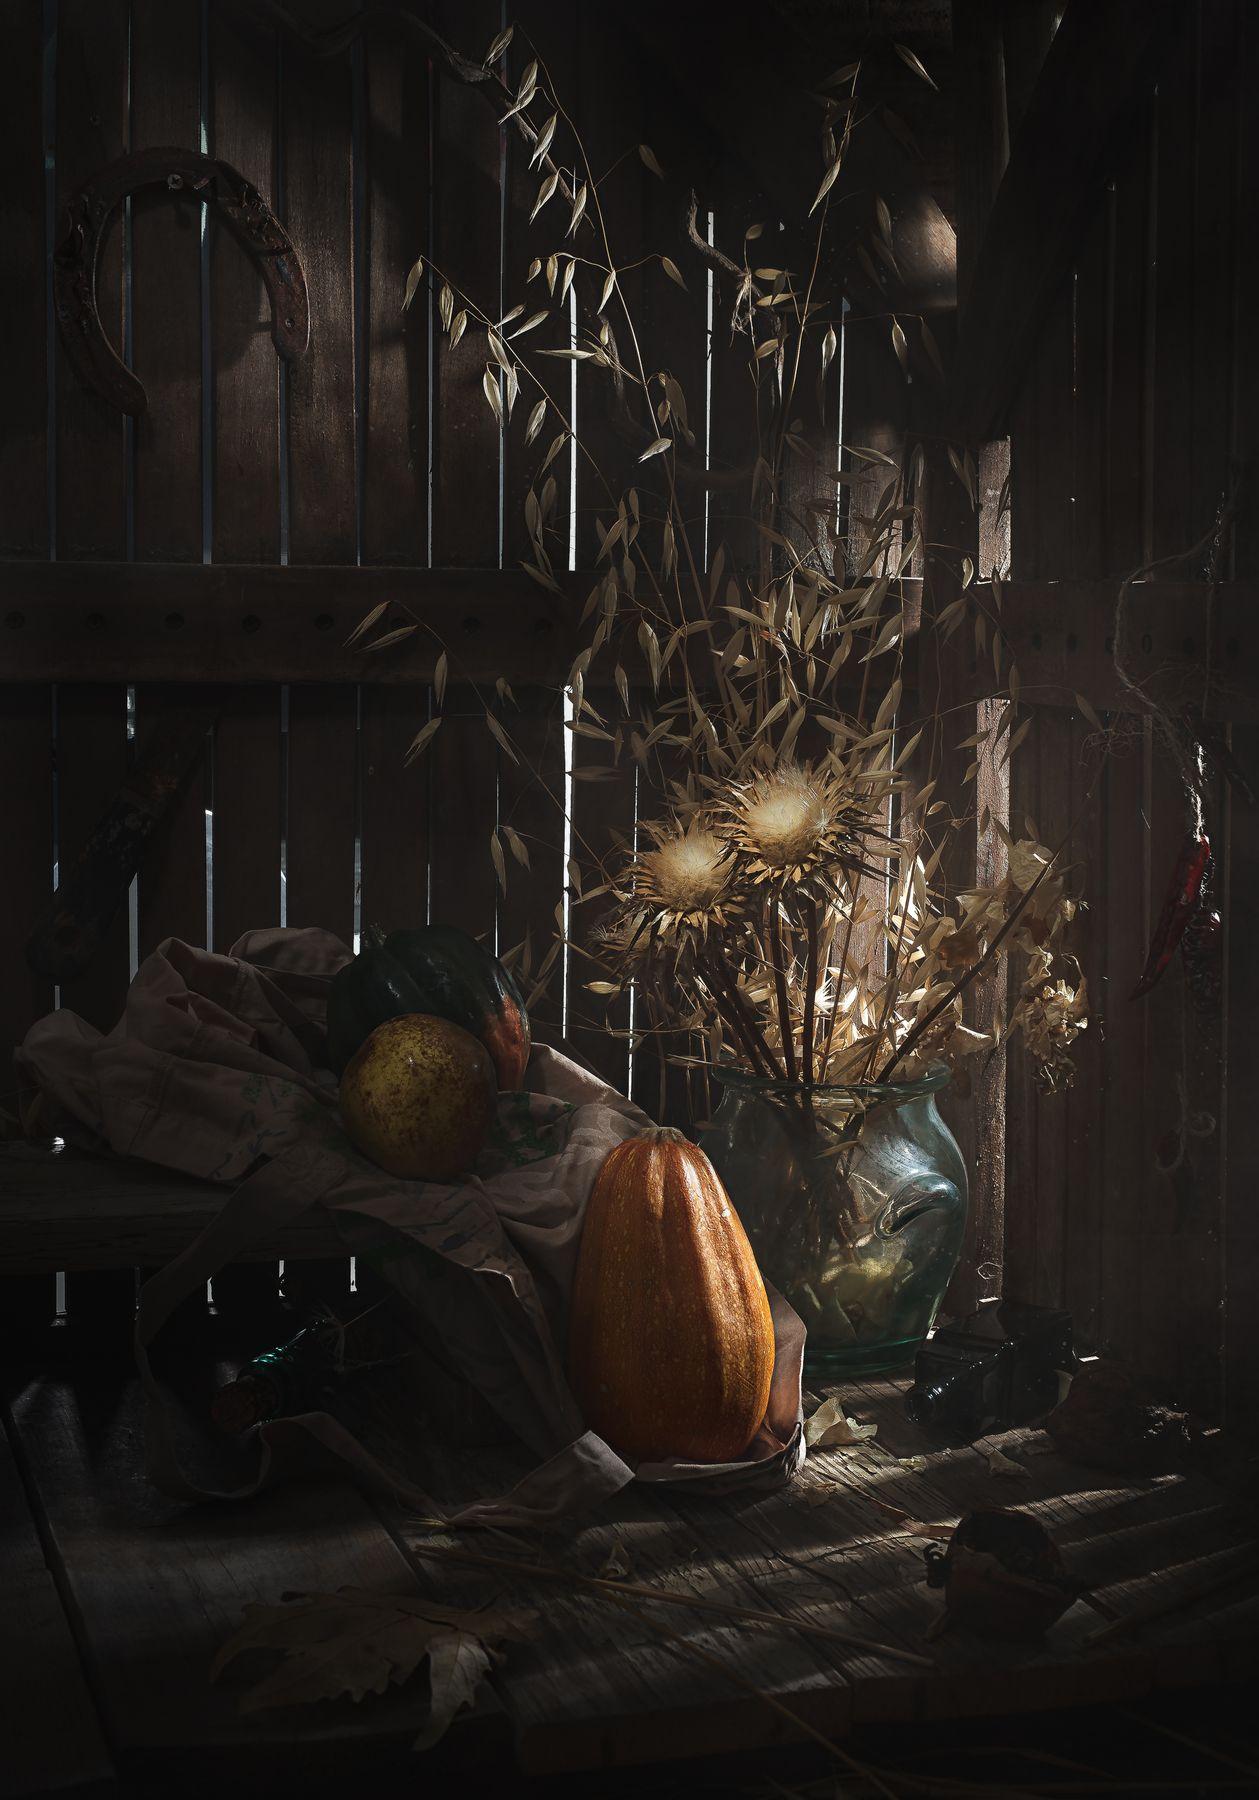 Тыква и другие -1. В старом сарае. Натюрморт деревенский тыква груша стекло сарай сухие цветы низкий ключ